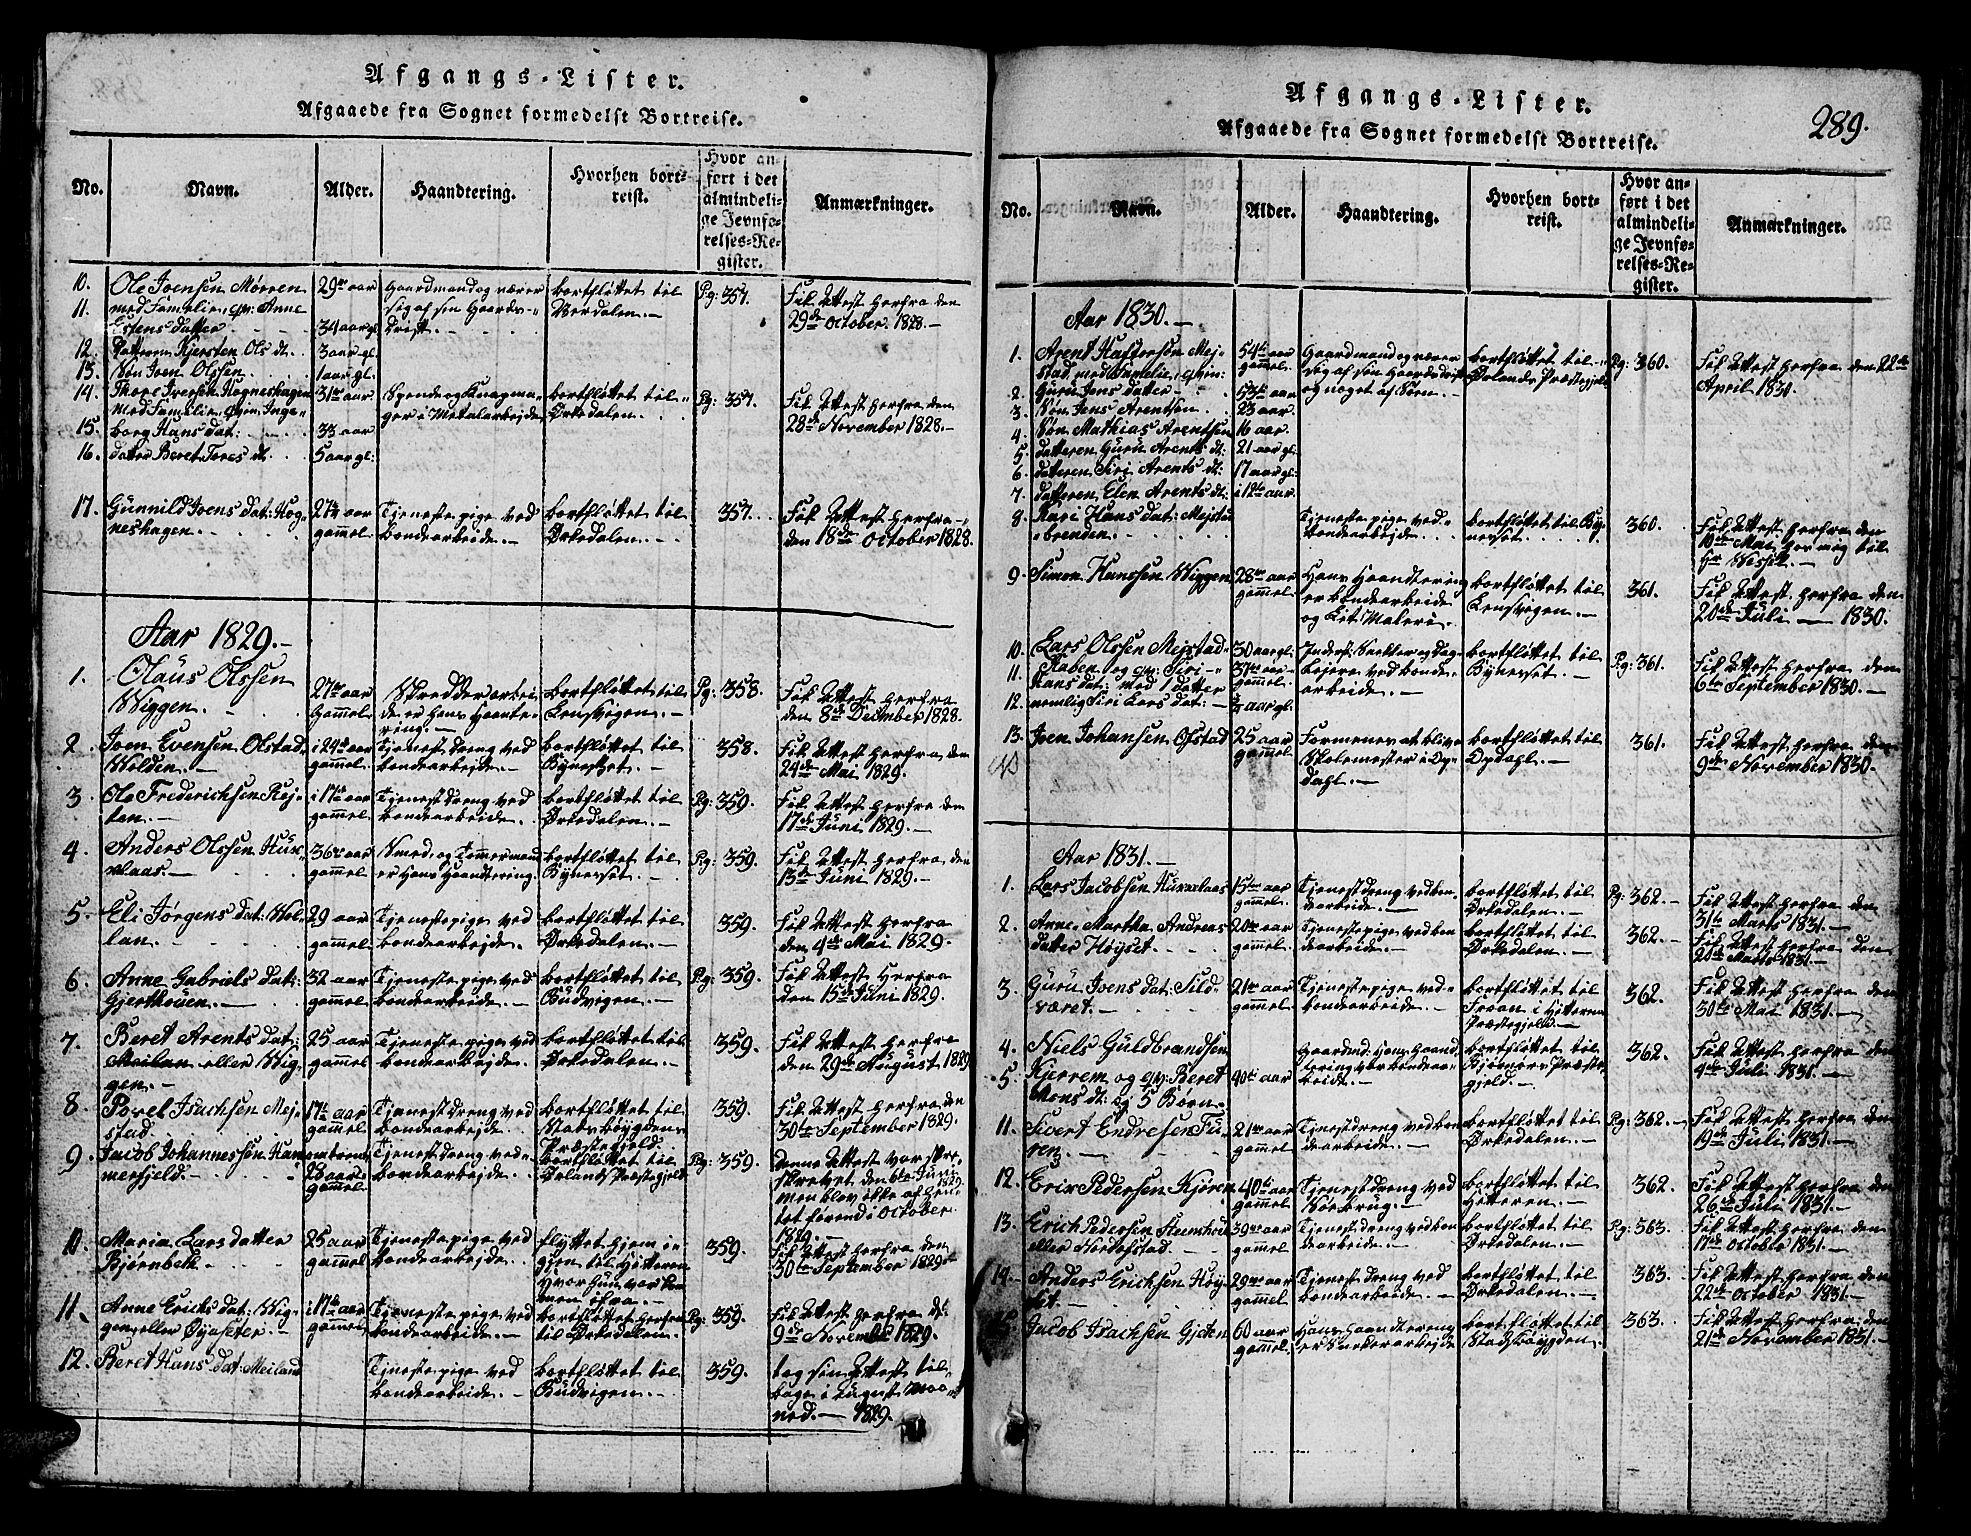 SAT, Ministerialprotokoller, klokkerbøker og fødselsregistre - Sør-Trøndelag, 665/L0776: Klokkerbok nr. 665C01, 1817-1837, s. 289